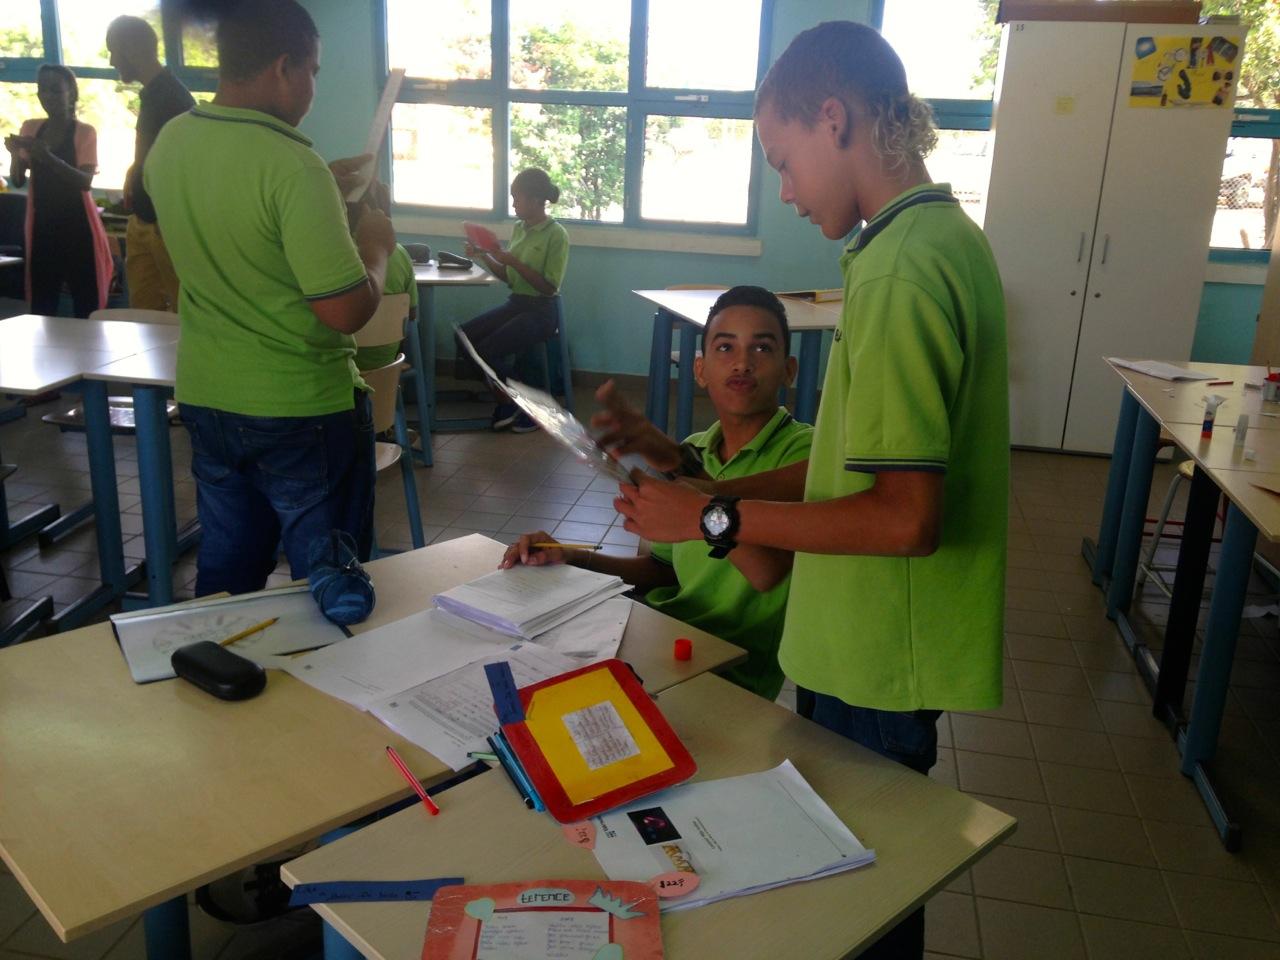 Het werken in projecten verbetert volgens Duindam de cohesie in de klas | Foto: Gijs van den Heuvel